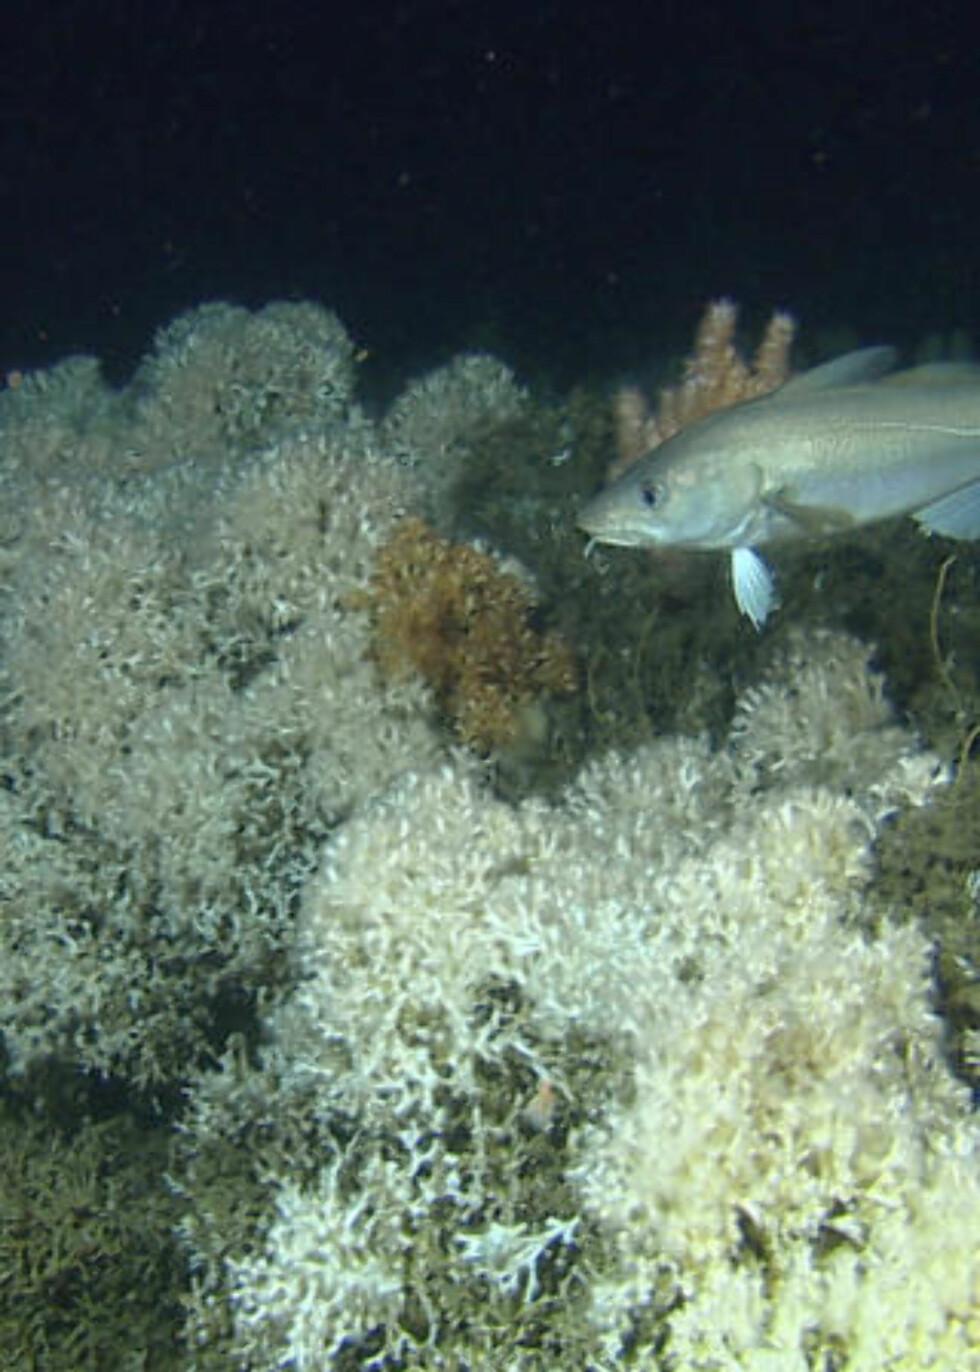 <strong> SÅRBAR NATUR:</strong> Ved koraller som dette, i området rundt Sularevett som er vernet, har Aker Exploration fått tillatelse til prøveboring. Foto: Havforskningsinstituttet.